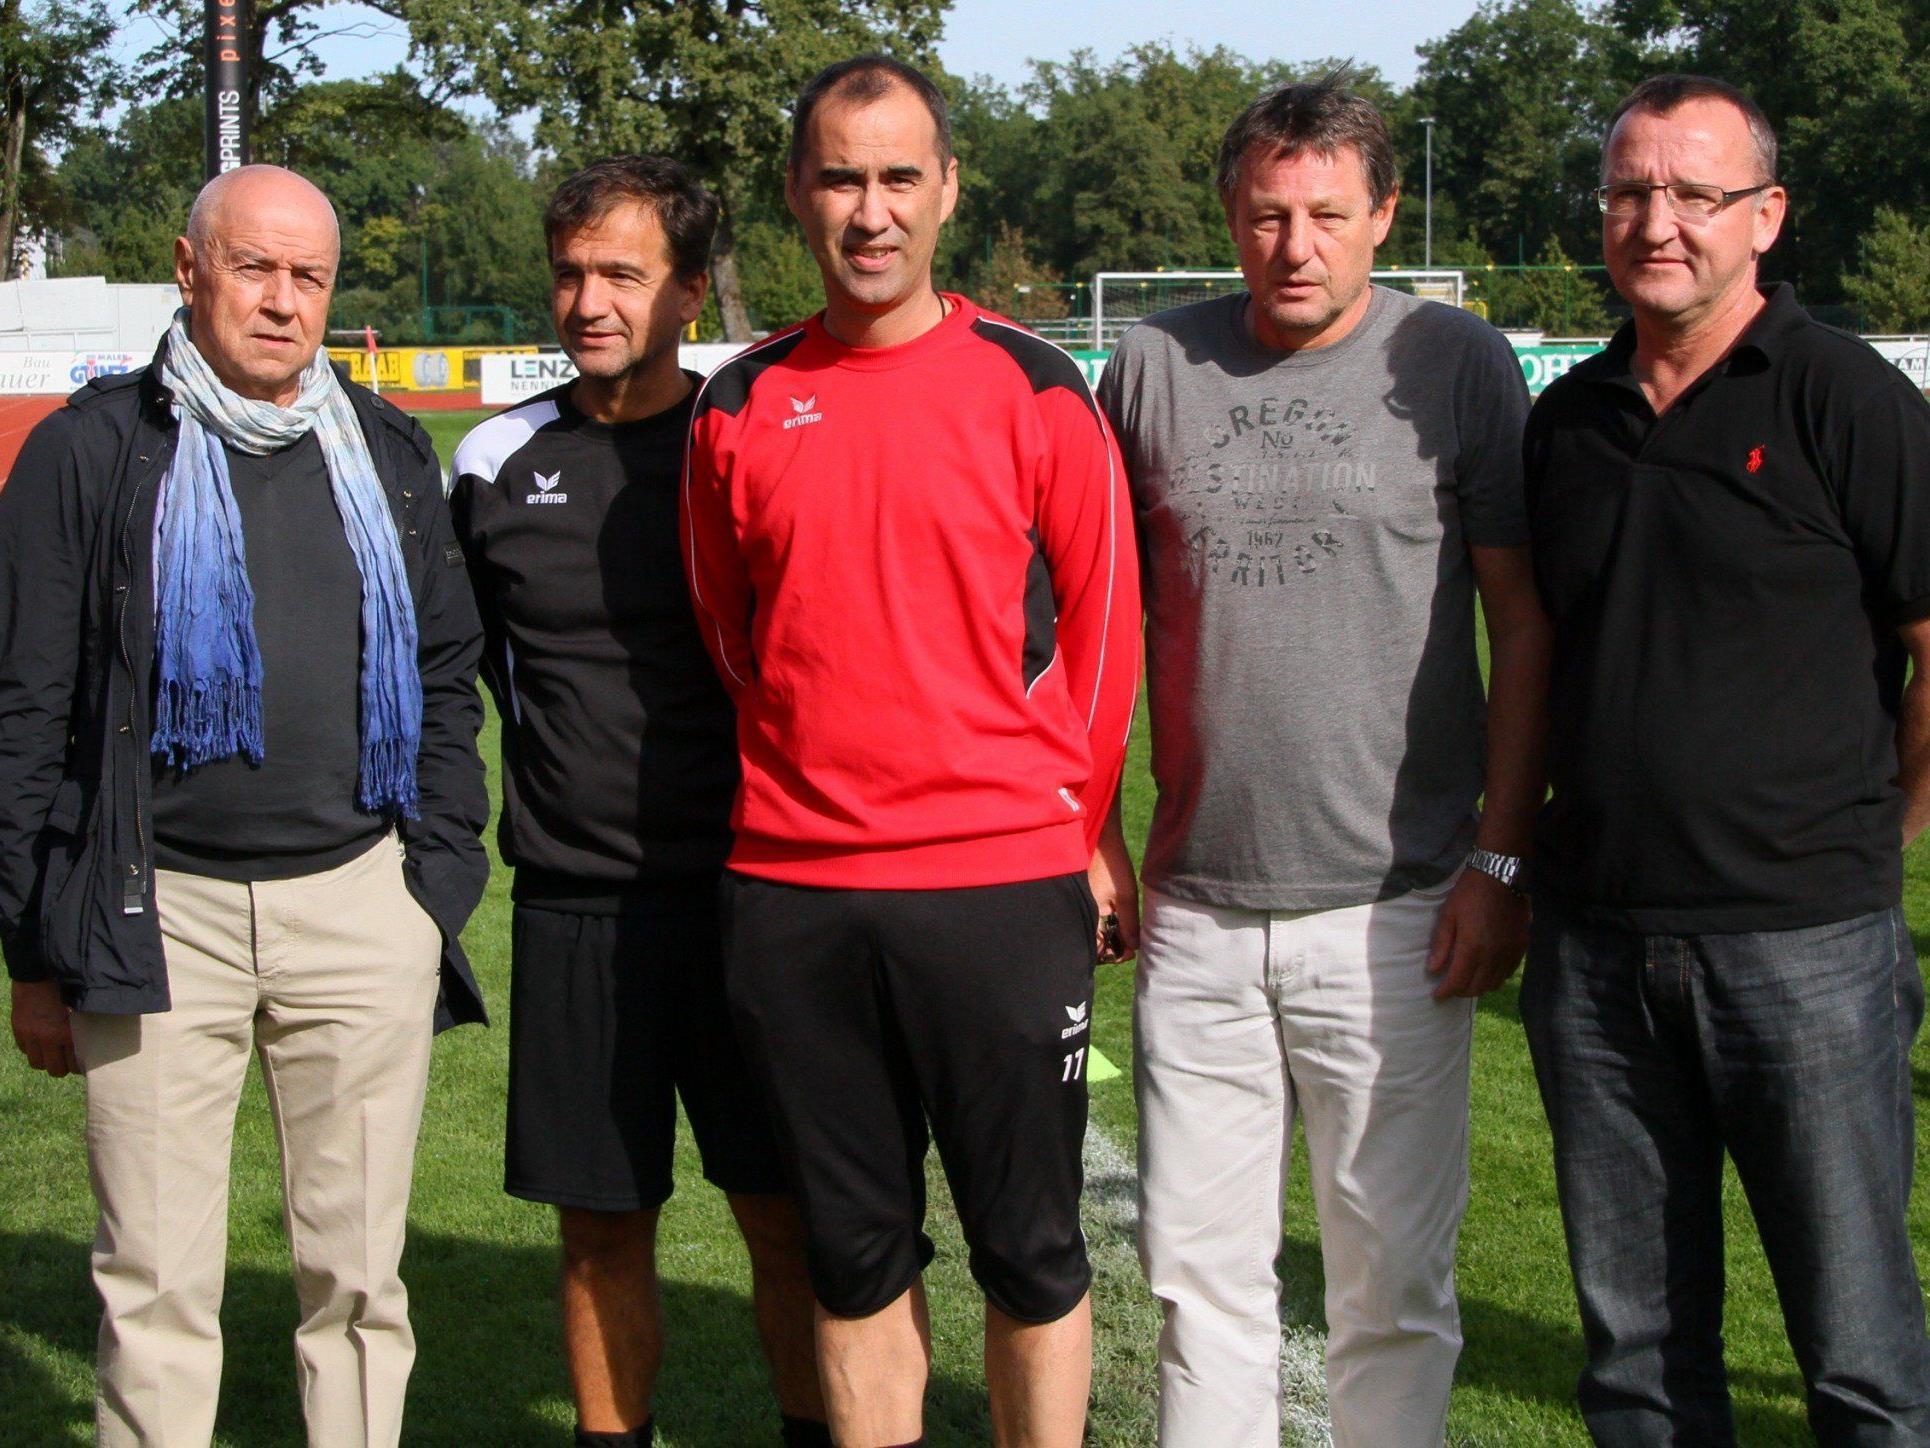 Amtsantritt am Sonntag vormittag auf der Birkenwiese für Neocoach Peter Jakubec.